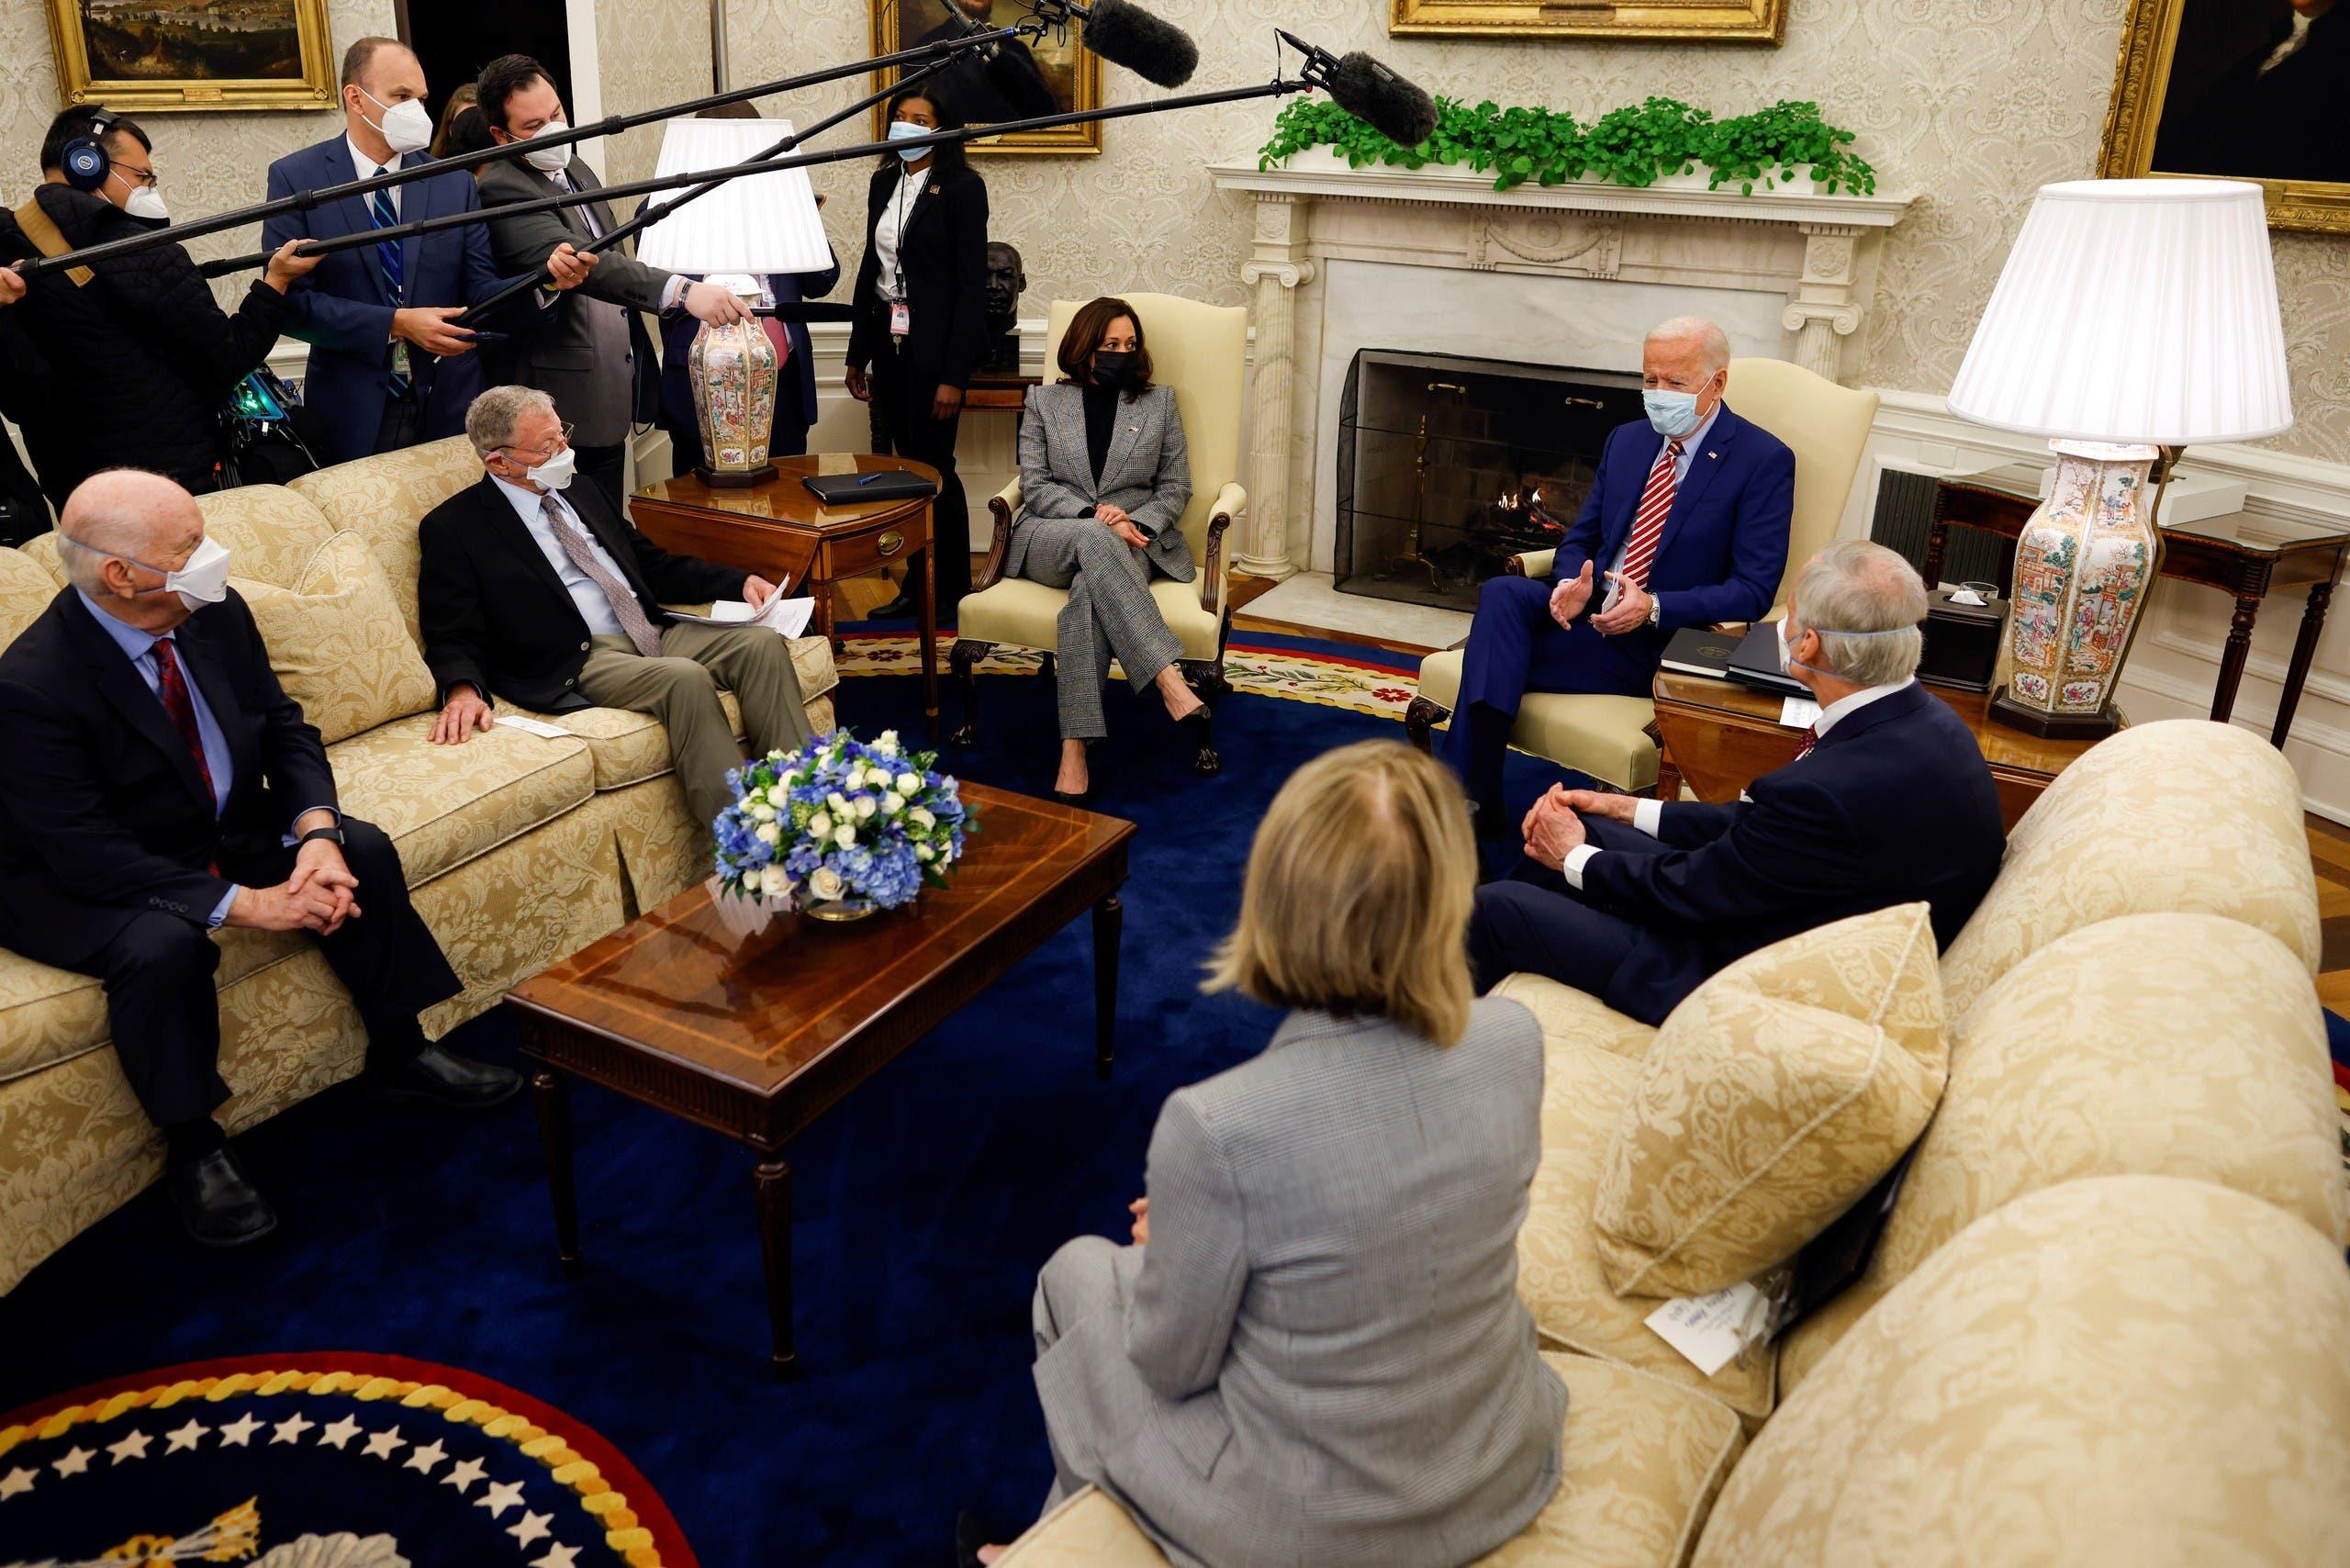 من لقاء بايدن مع أربعة من أعضاء مجلس الشيوخ في المكتب البيضاوي